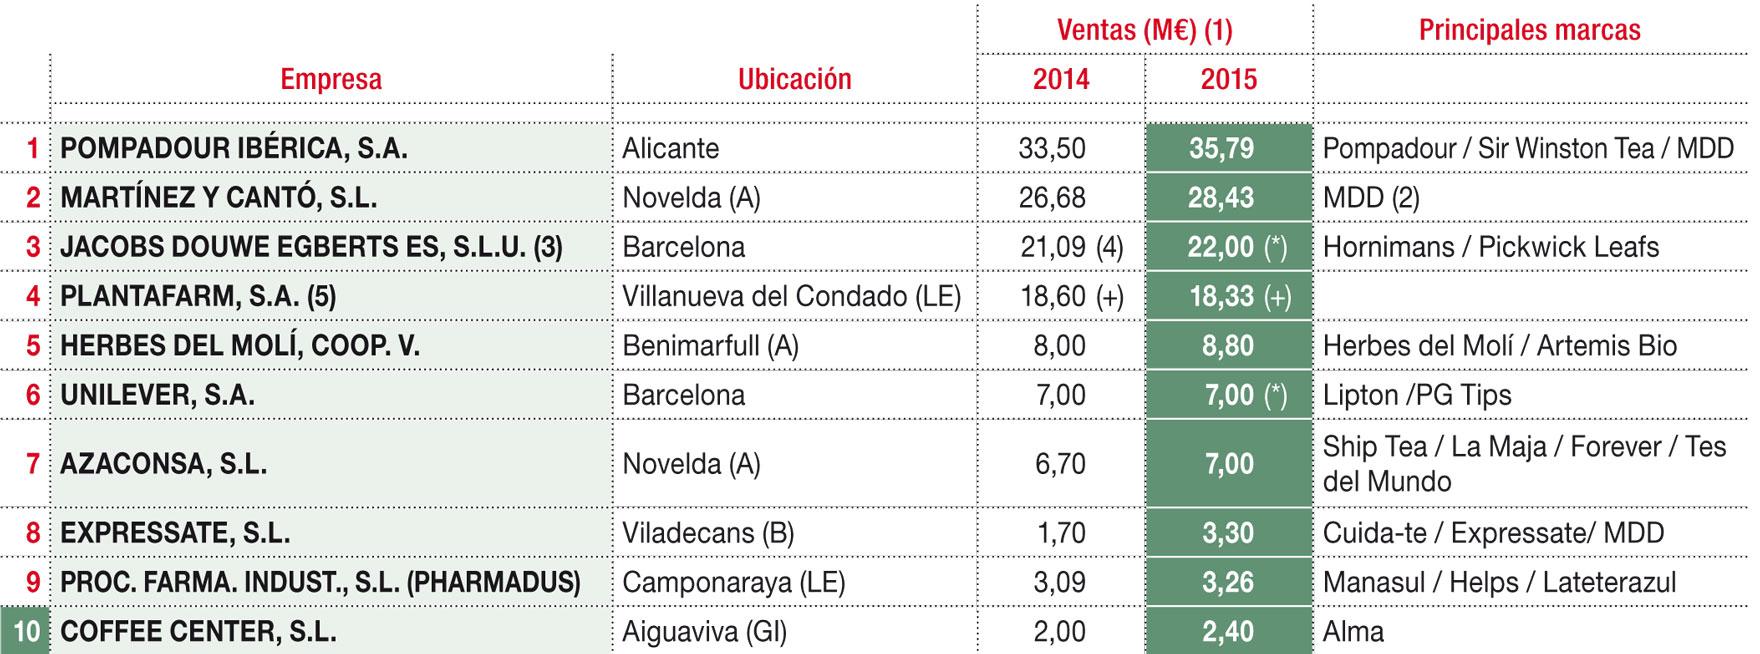 Principales productores y comercializadores de infusiones